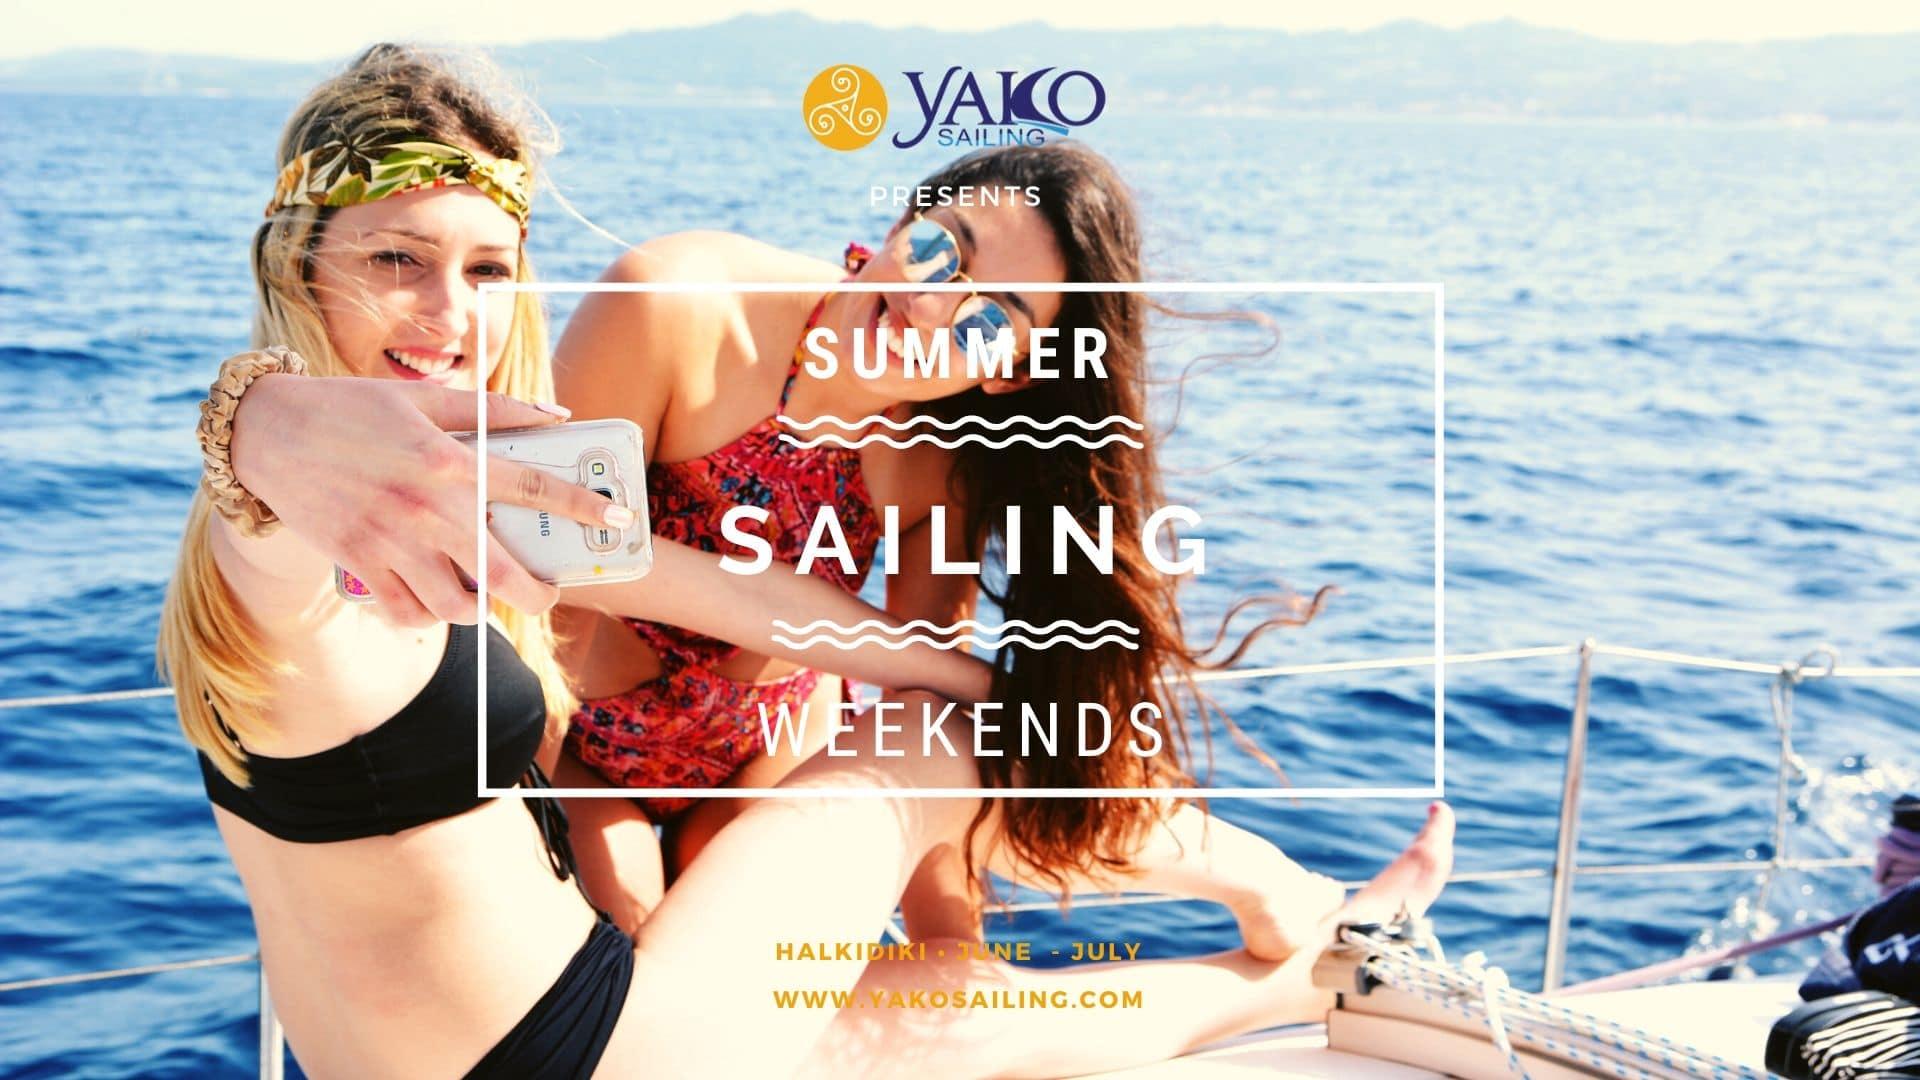 Sailing weekends